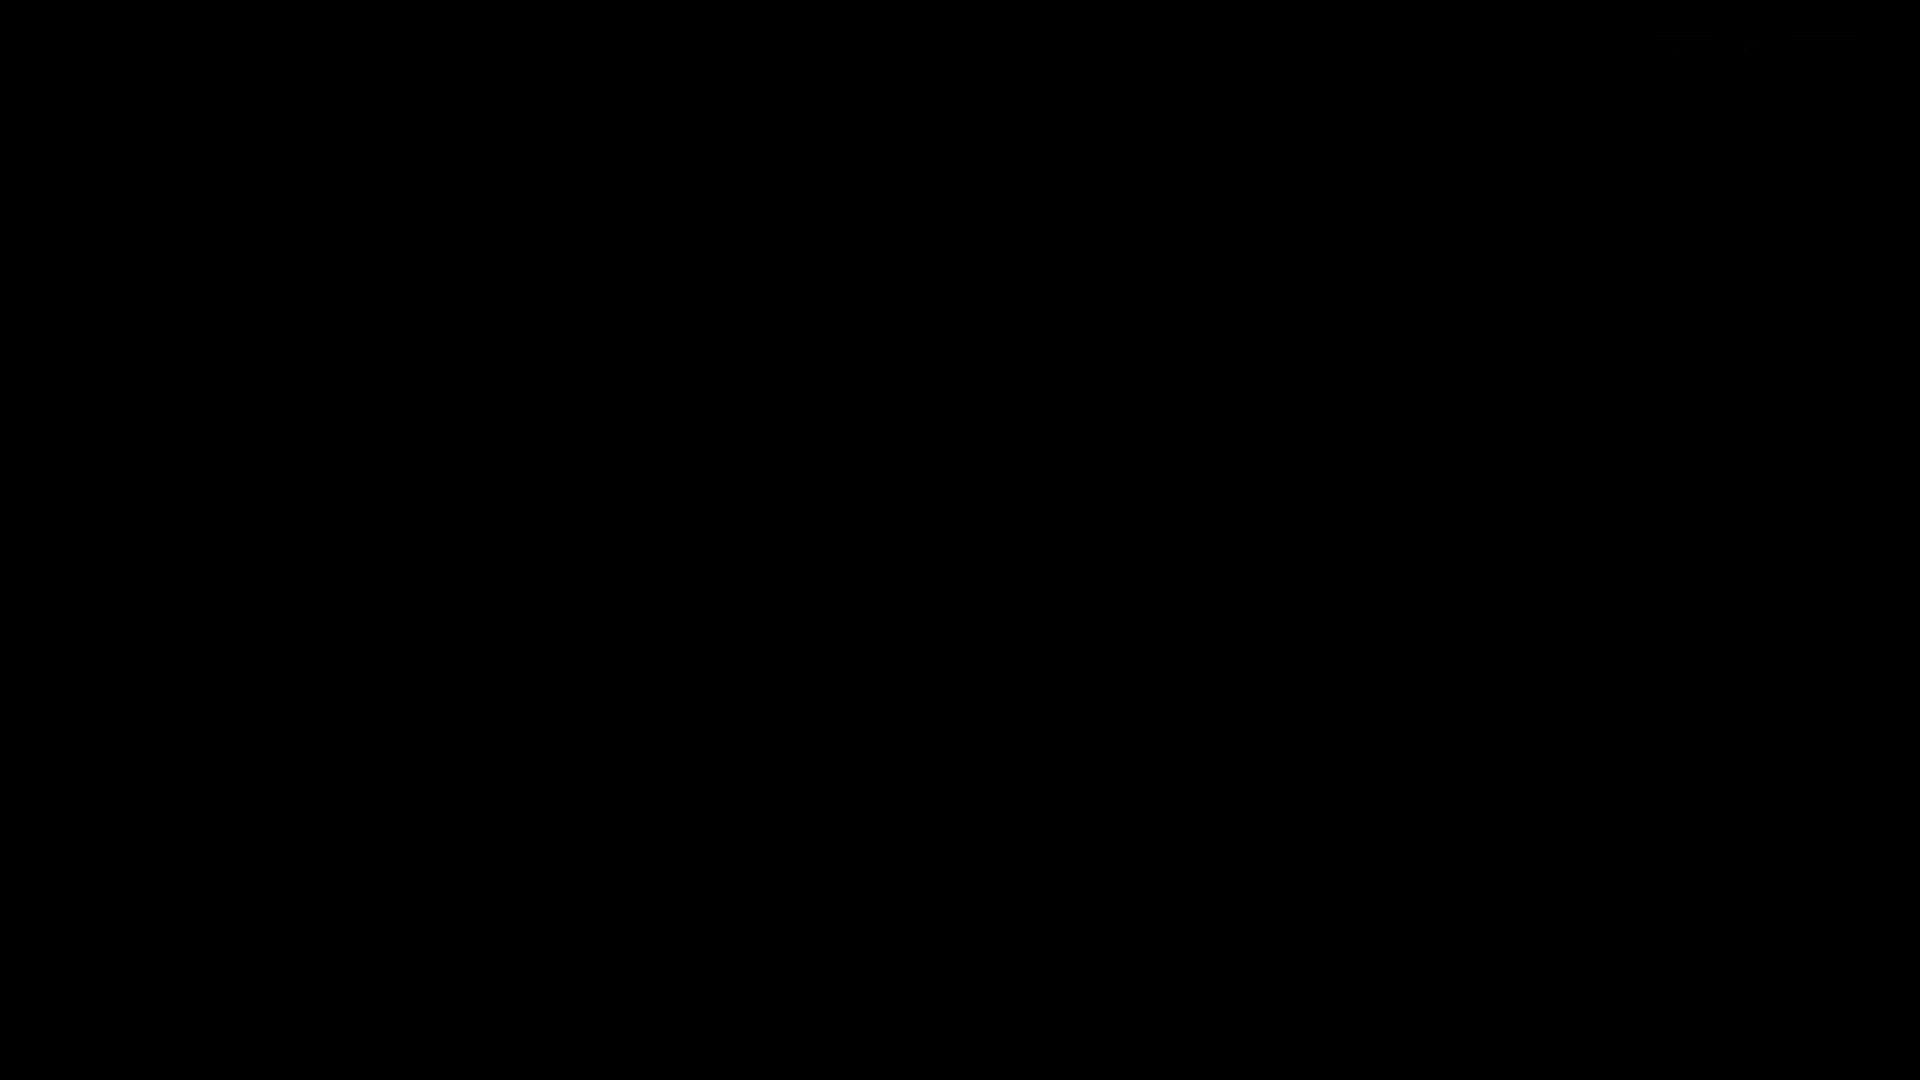 芸術大学ガチ潜入盗撮 JD盗撮 美女の洗面所の秘密 Vol.102 トイレの中の女の子 おめこ無修正画像 89連発 39